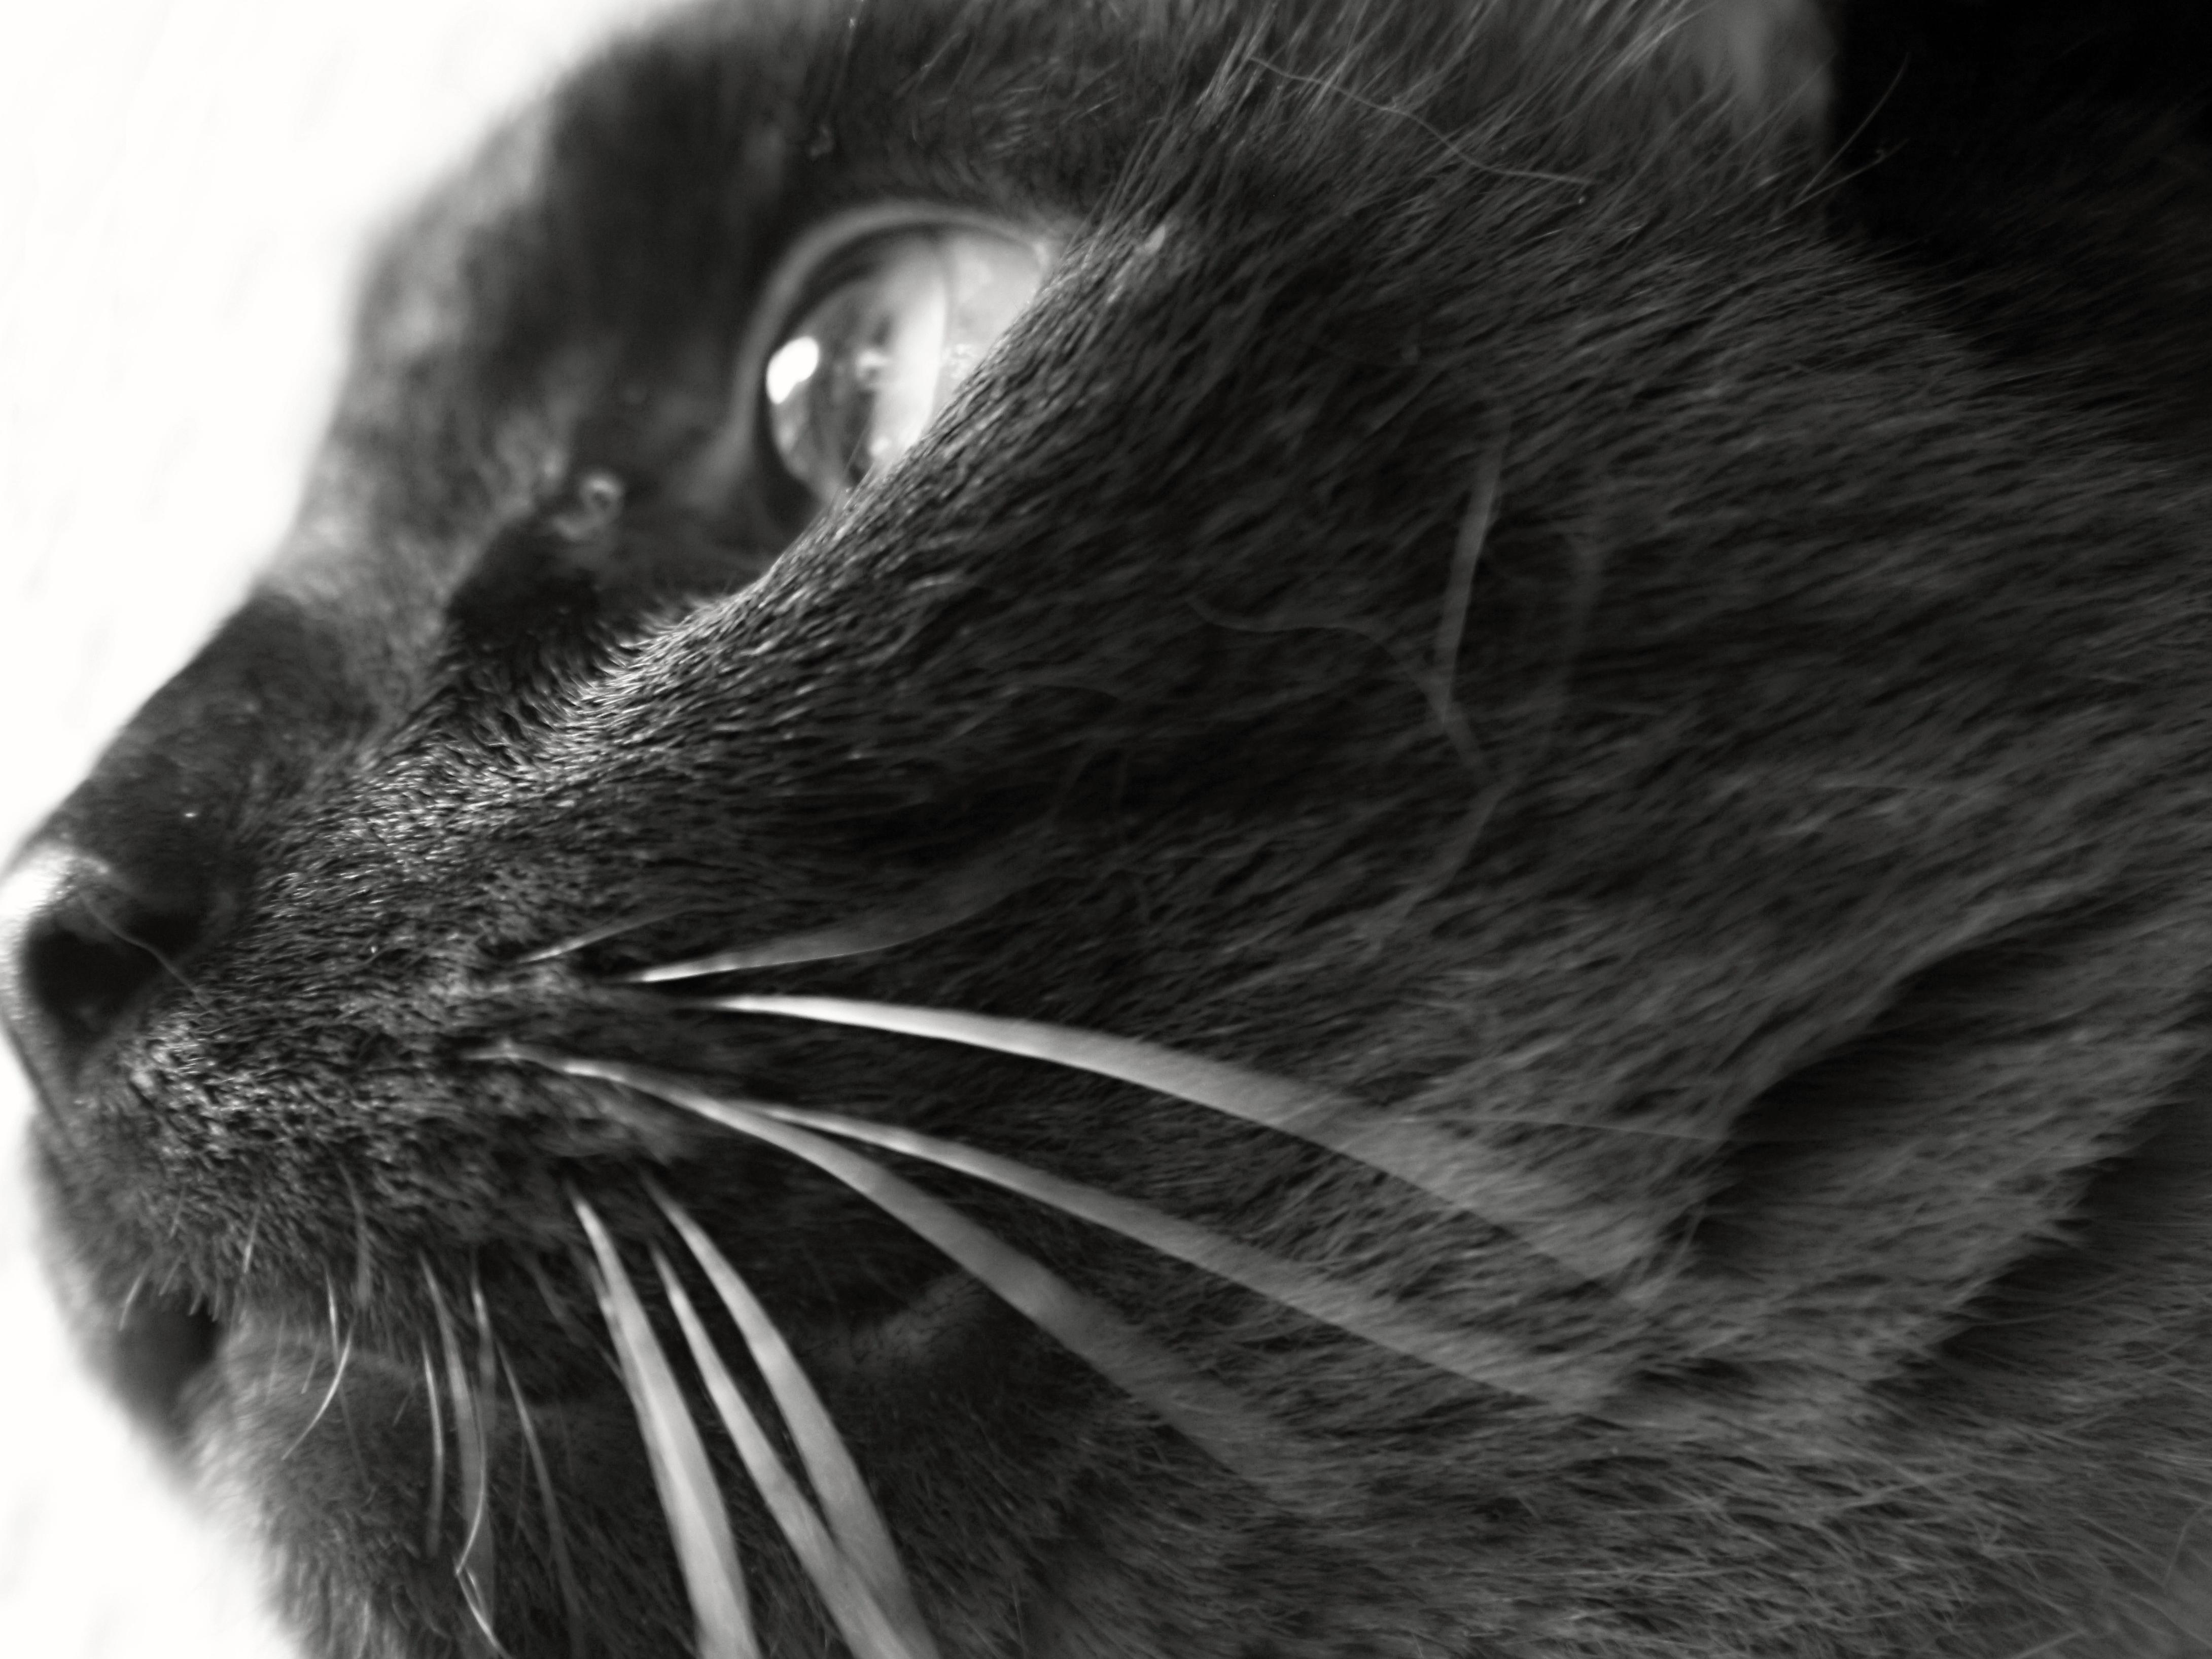 Foto Gratis Nero Gatto Bianco E Nero Occhio Animale Ritratto